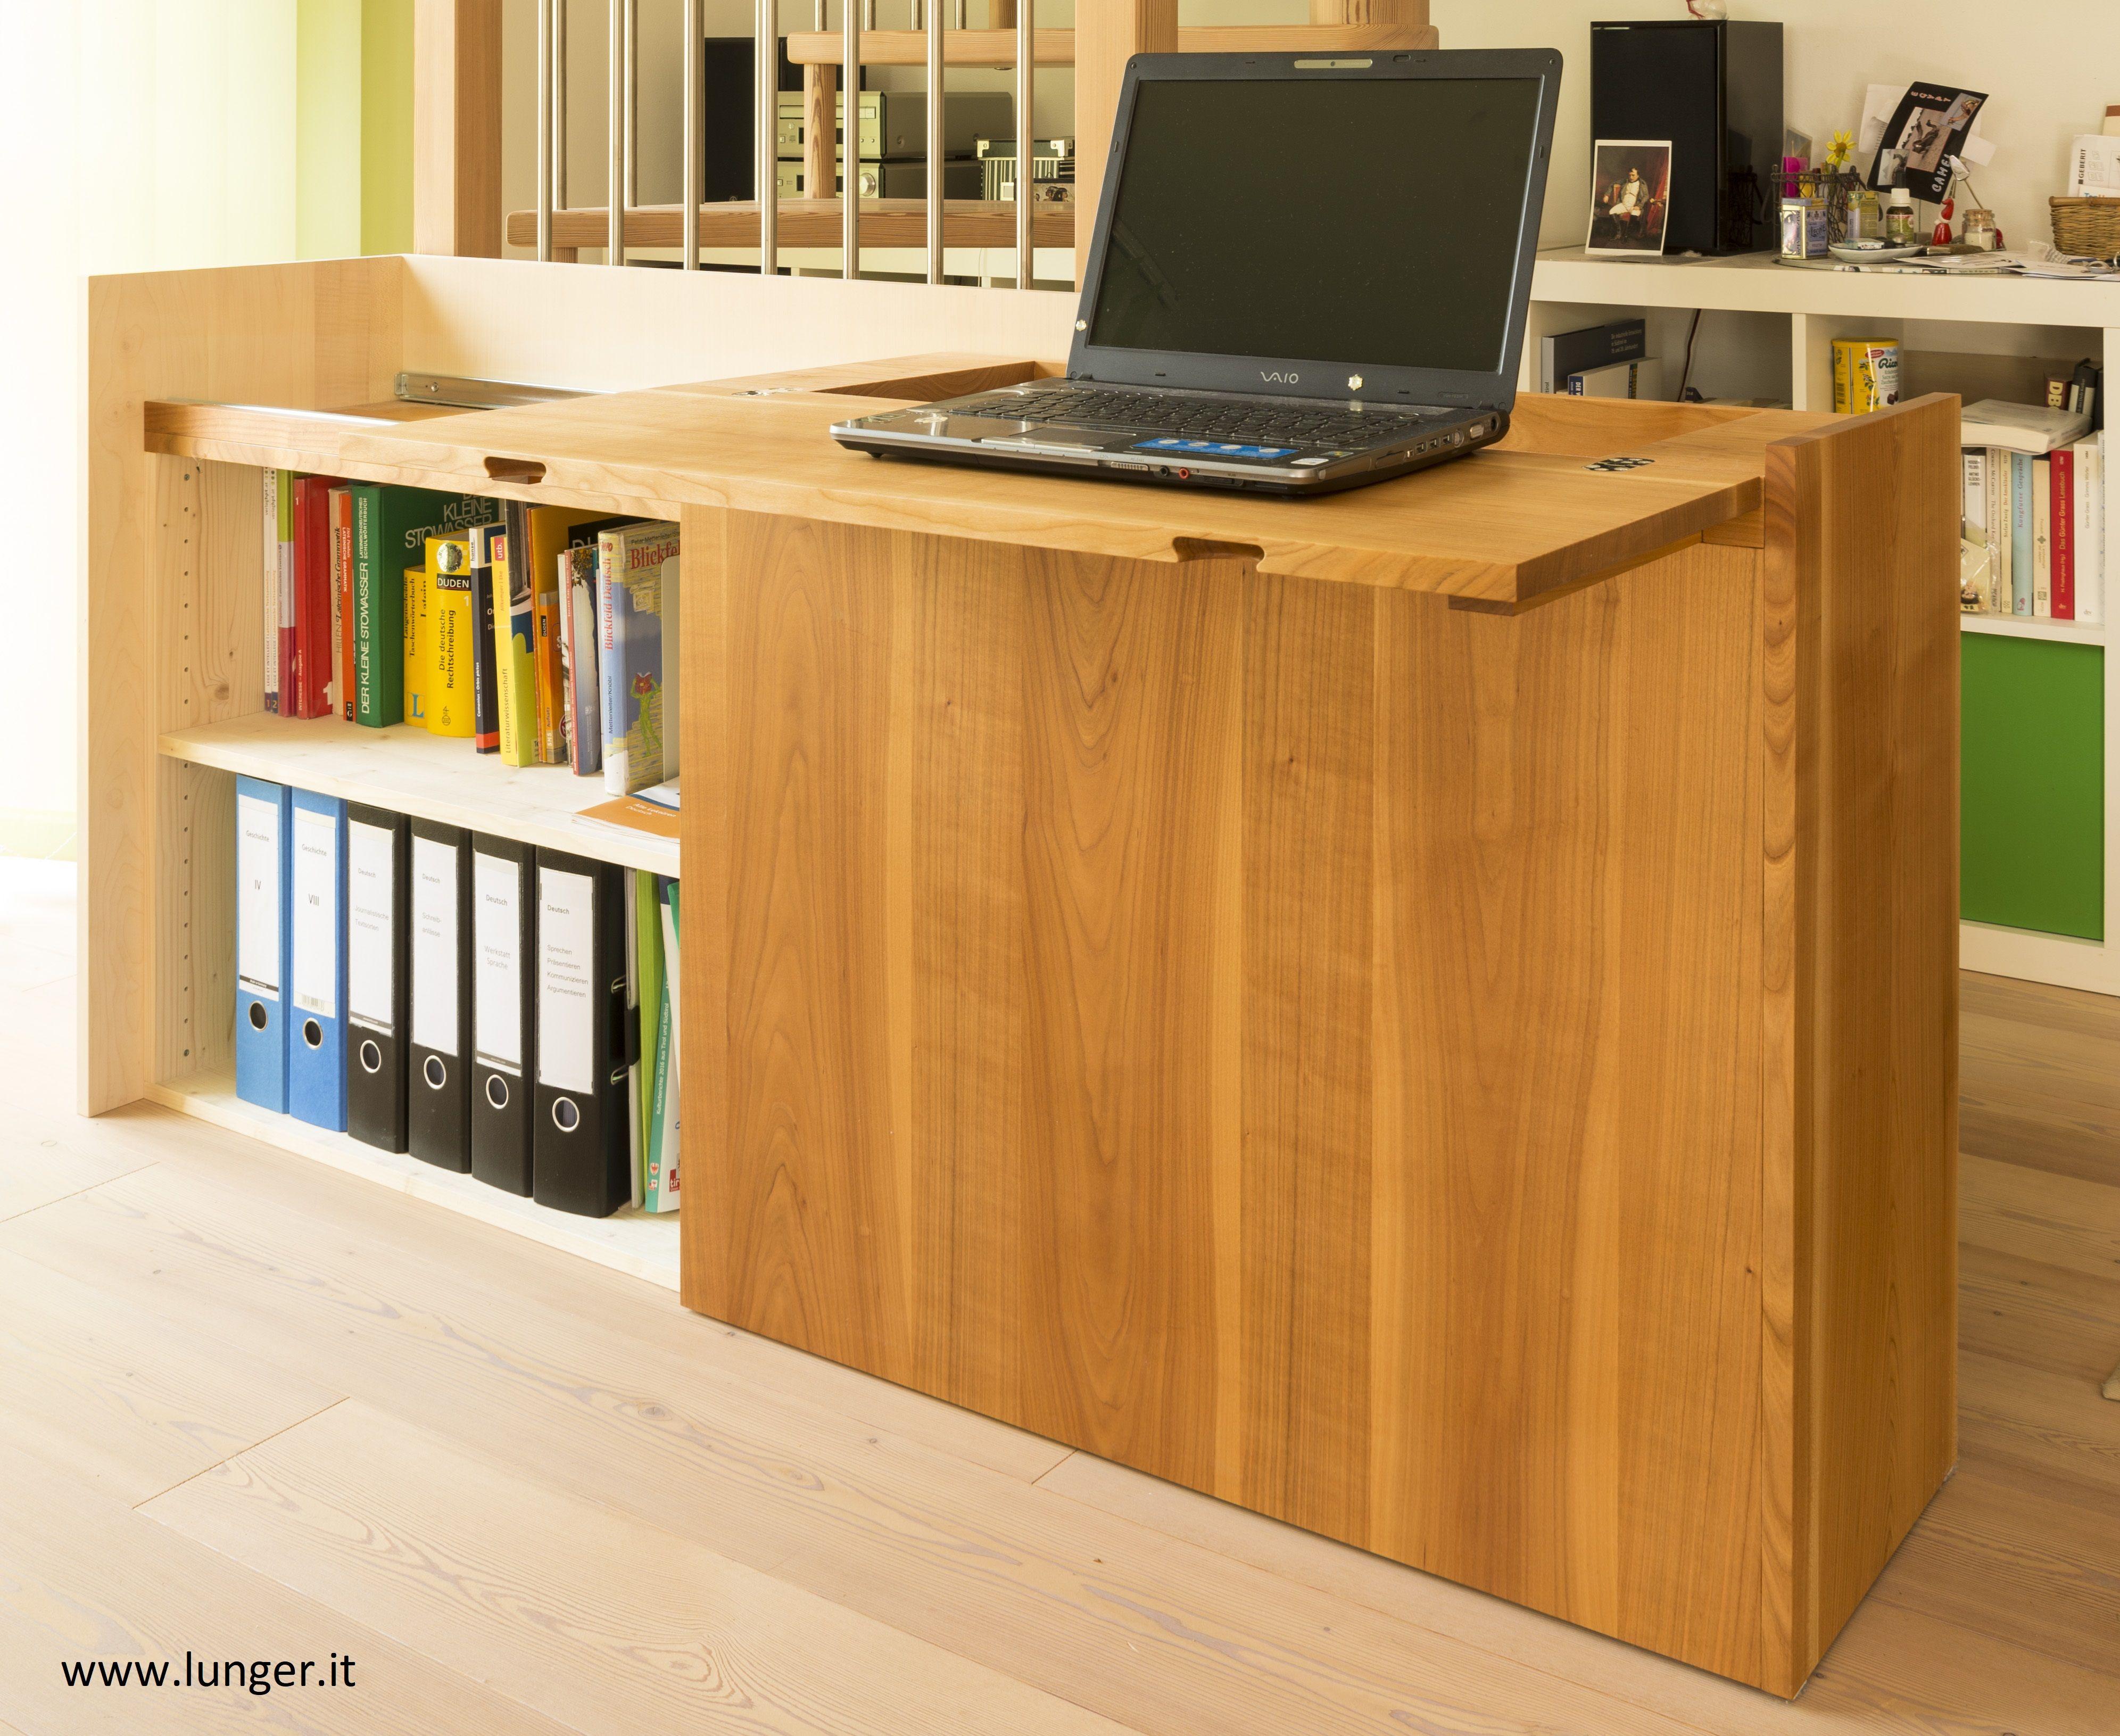 Schreibtischmobel In Kirschholz Und Ahorn Massiv Platzsparend